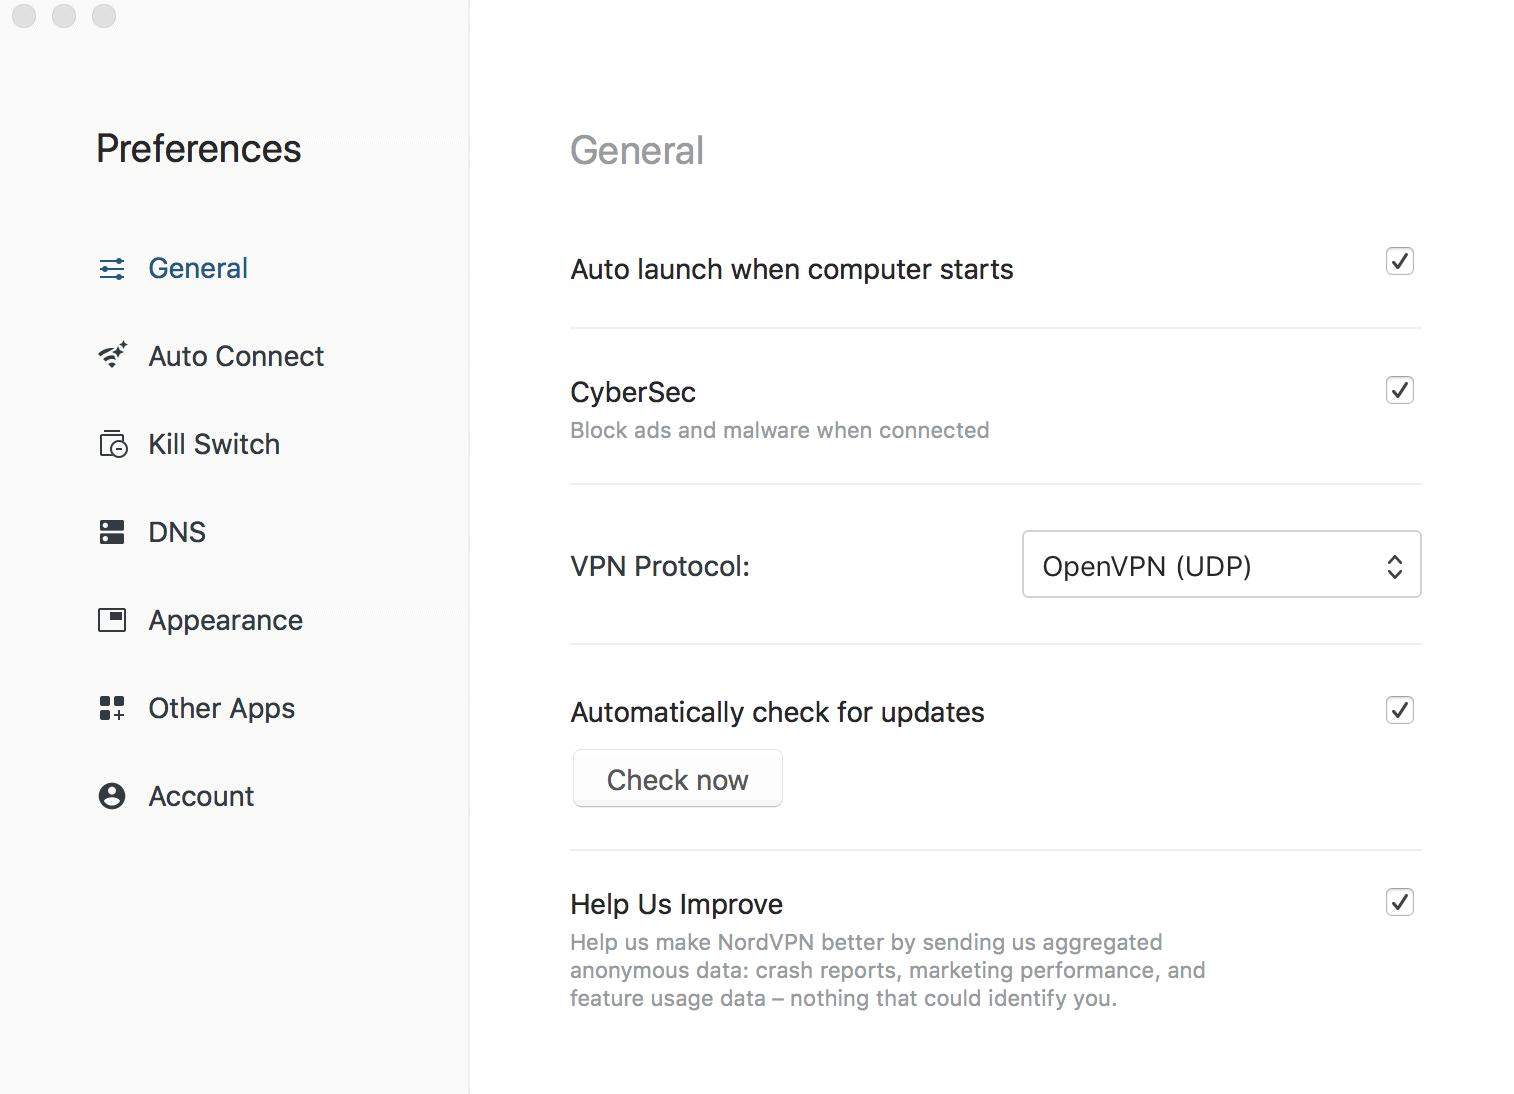 Virtual Private Network Preferences